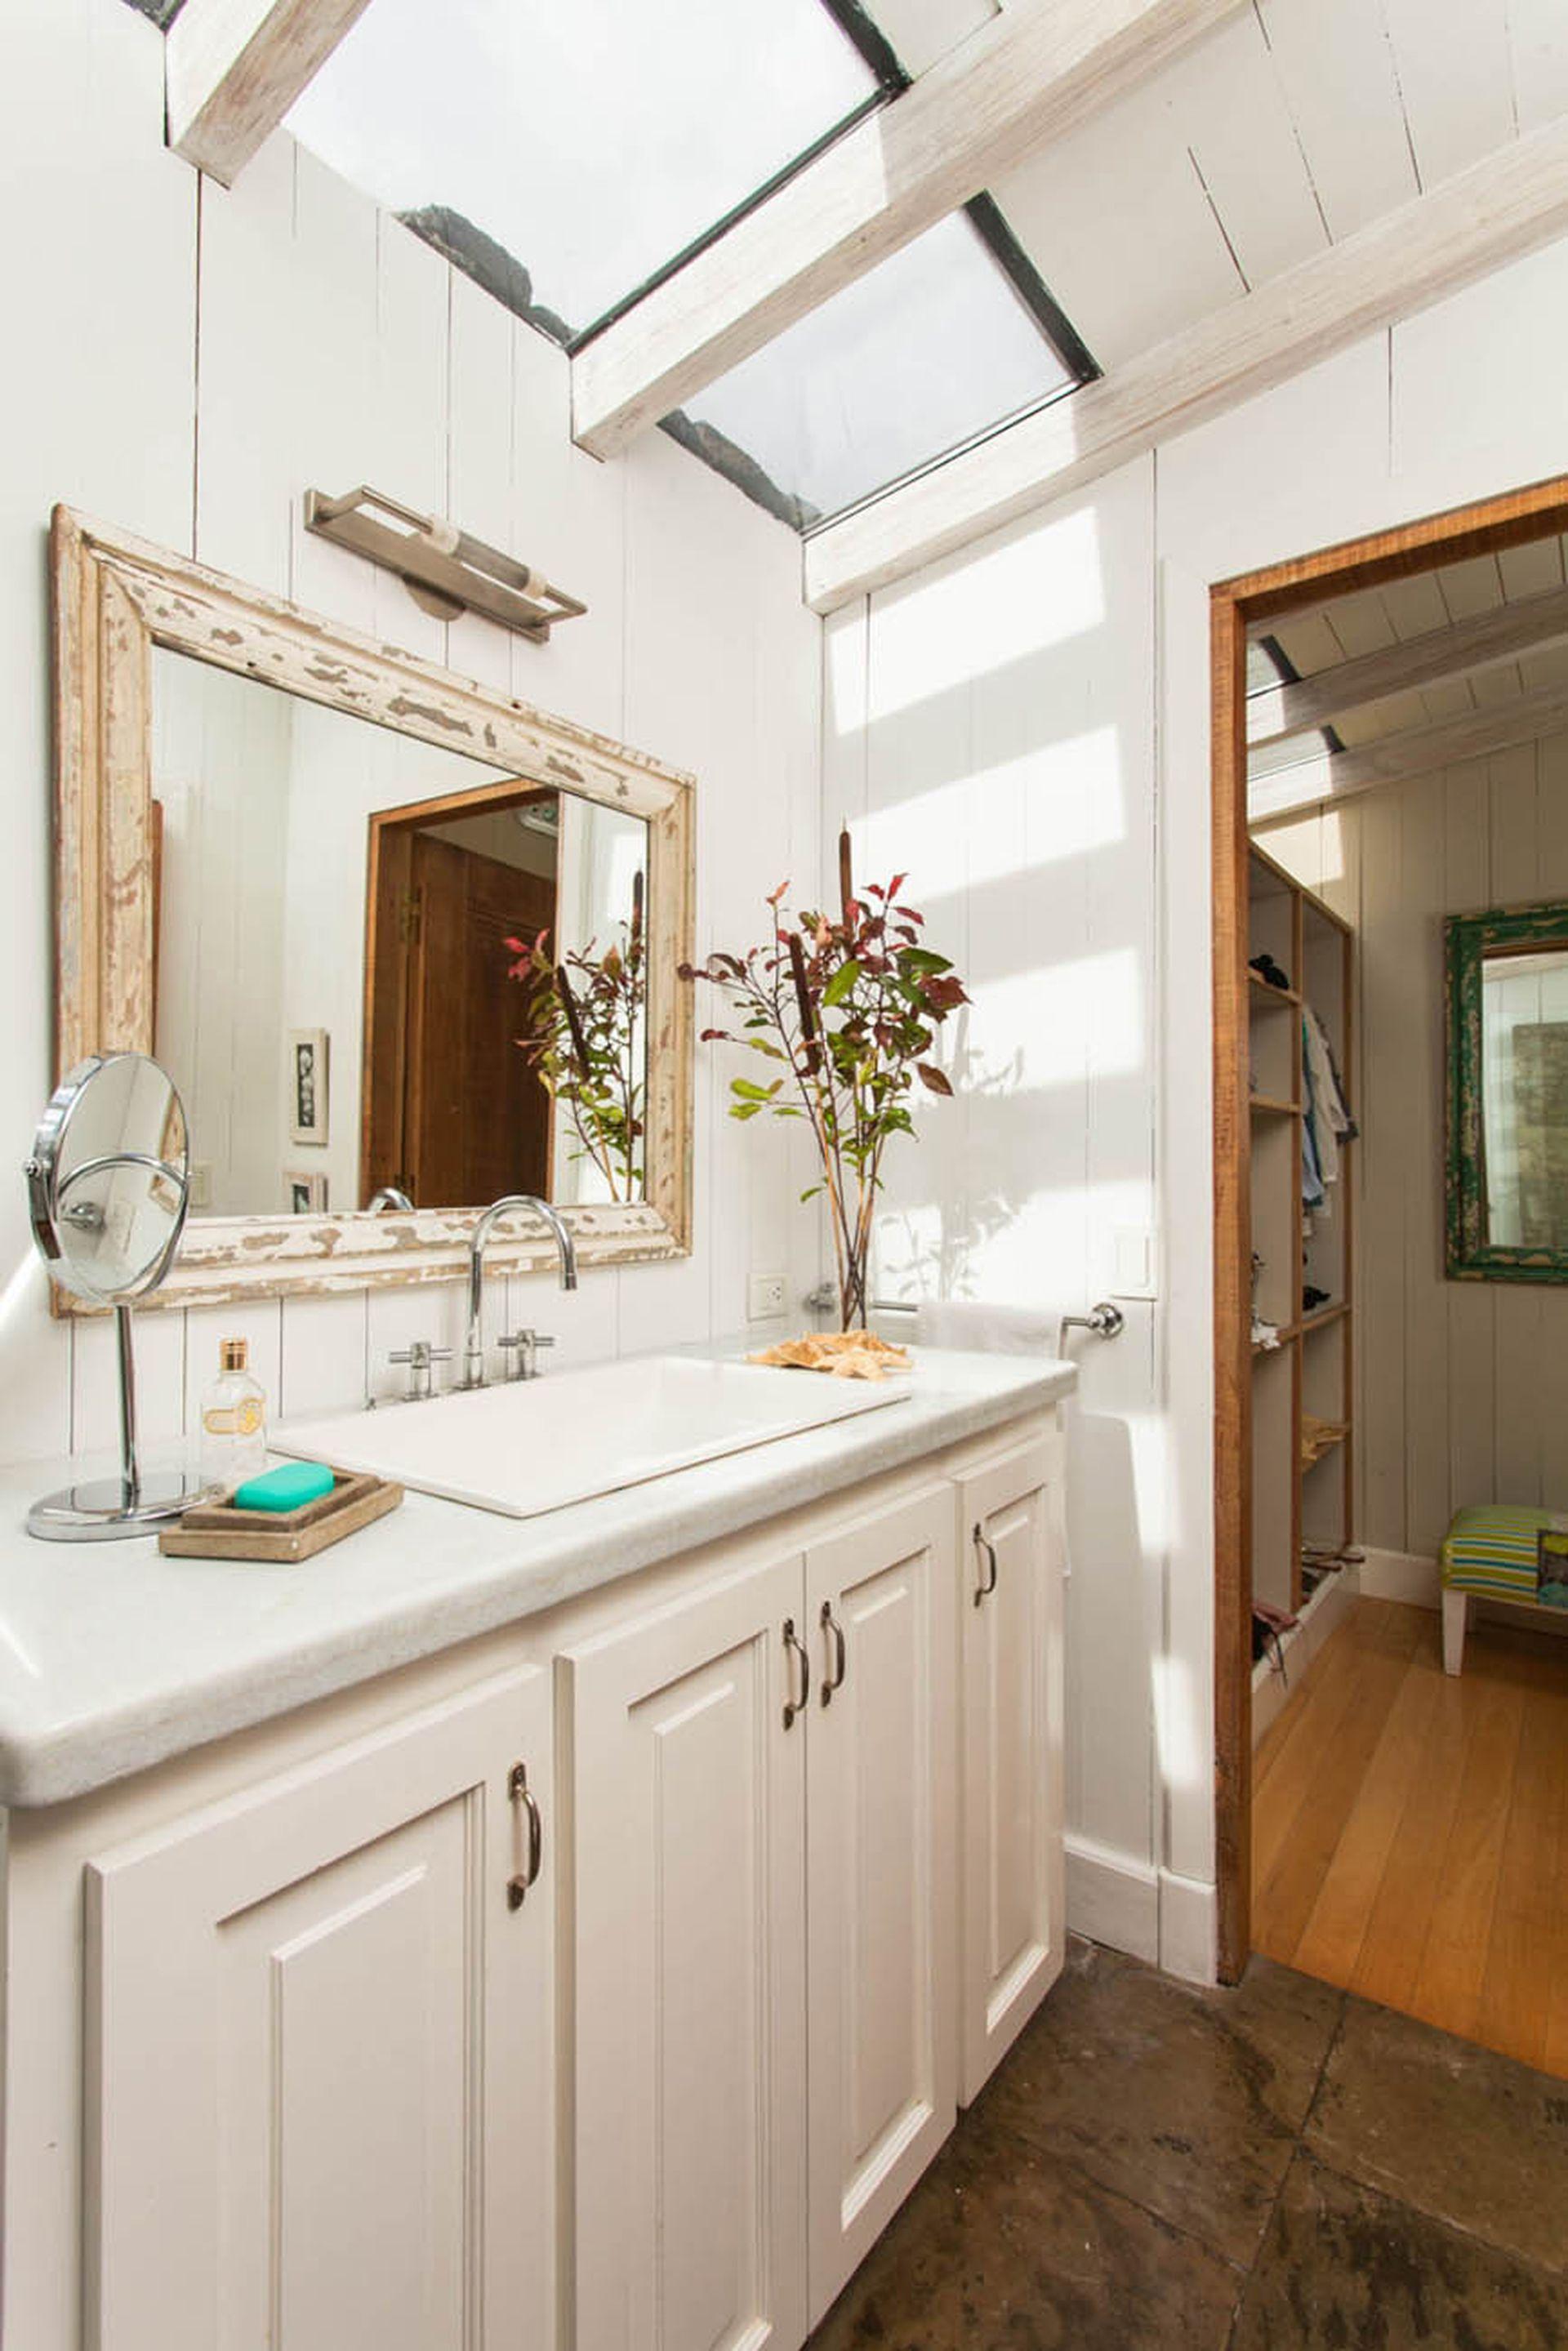 El baño, en blanco, también tiene techo de vidrio. Luego, en la zona húmeda, hay un deck de madera.